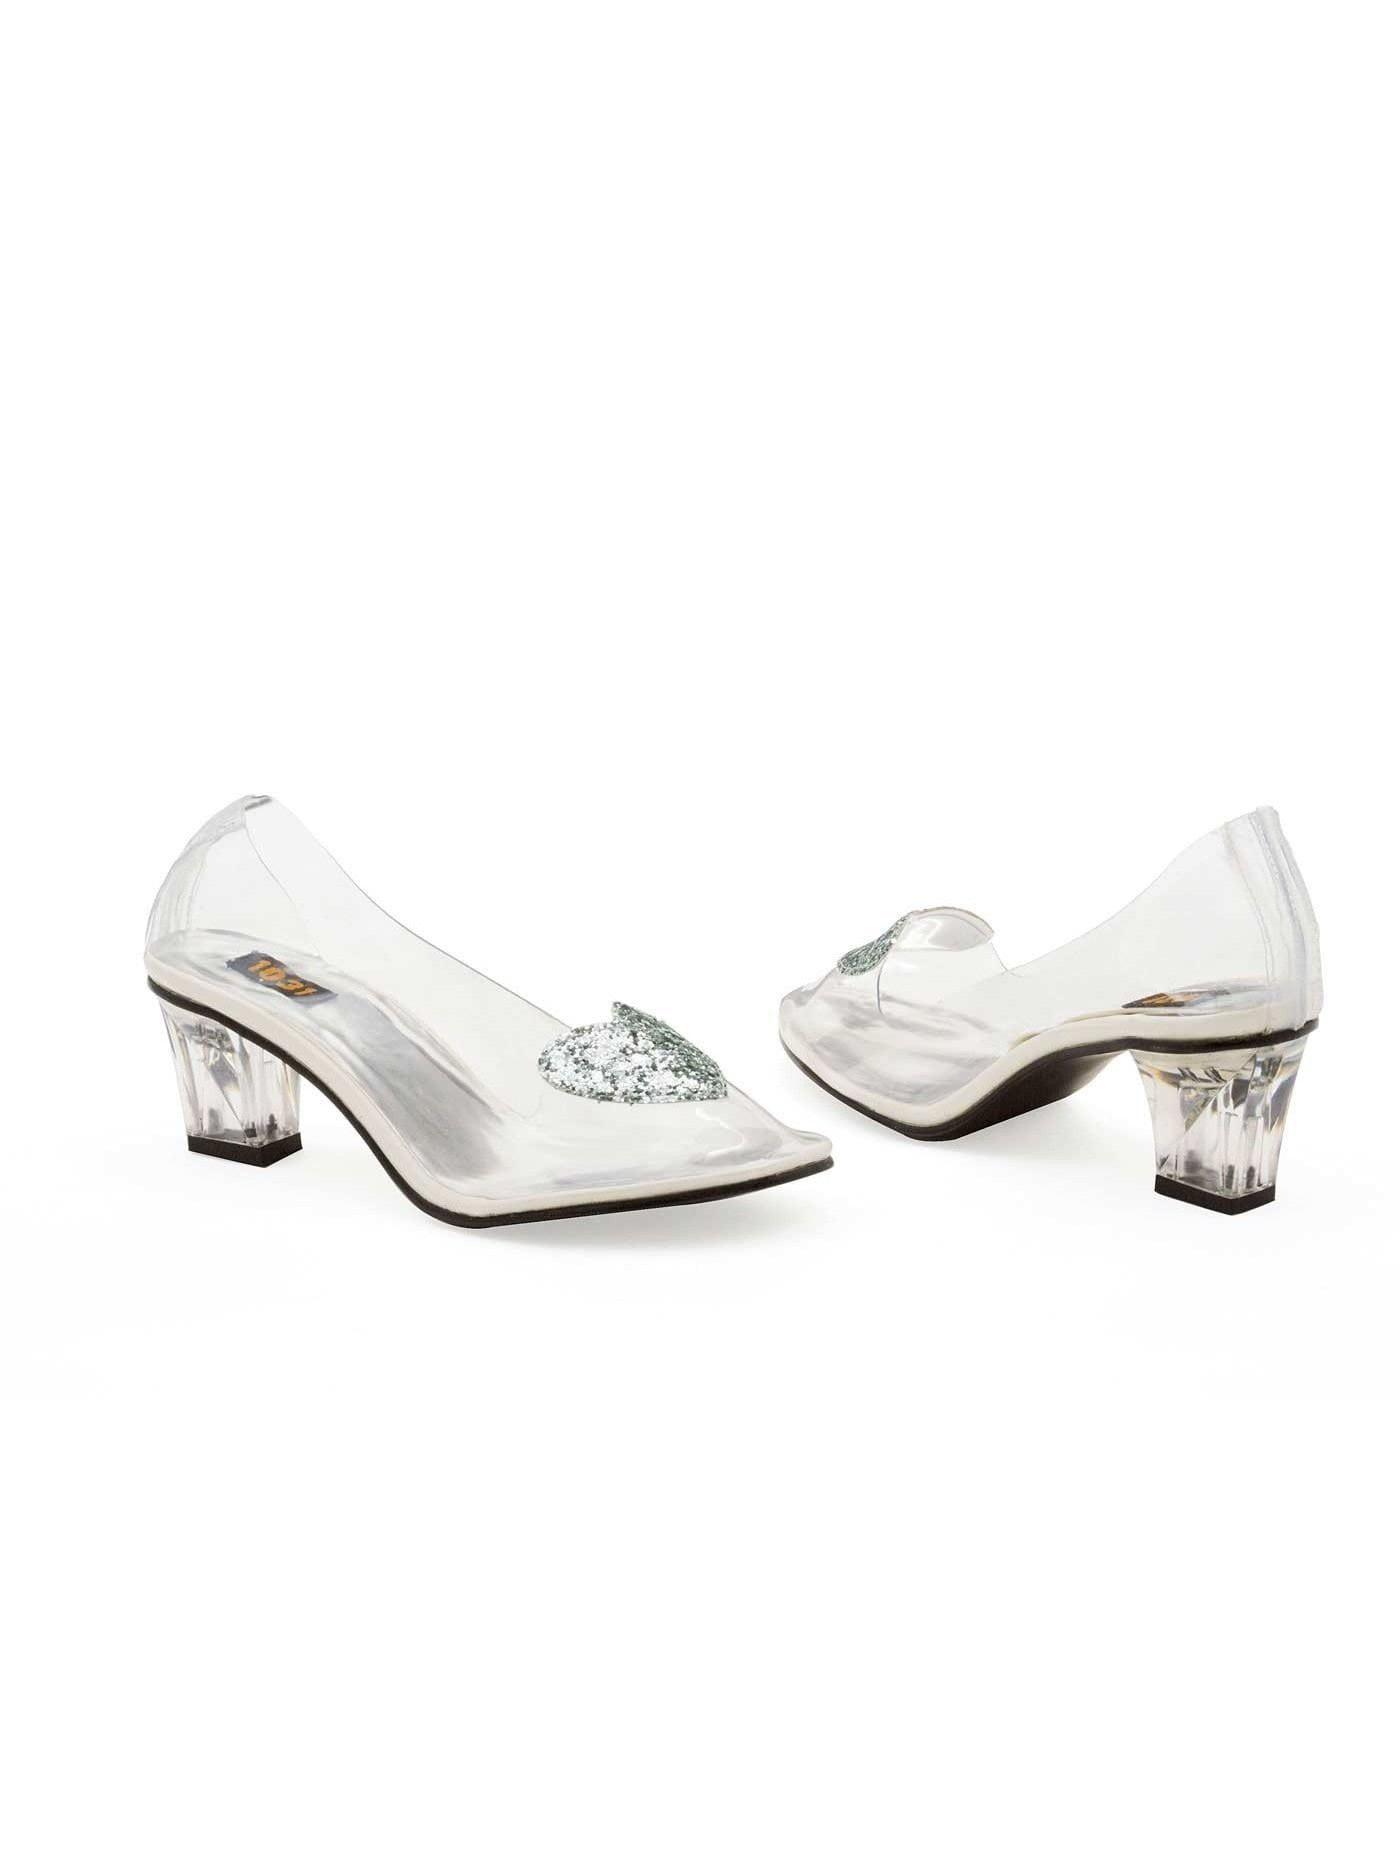 73fdaecdd58d Ellie Shoes E-212-Ariel 2 Heel Clear Slipper with Silver Glitter Heart ...